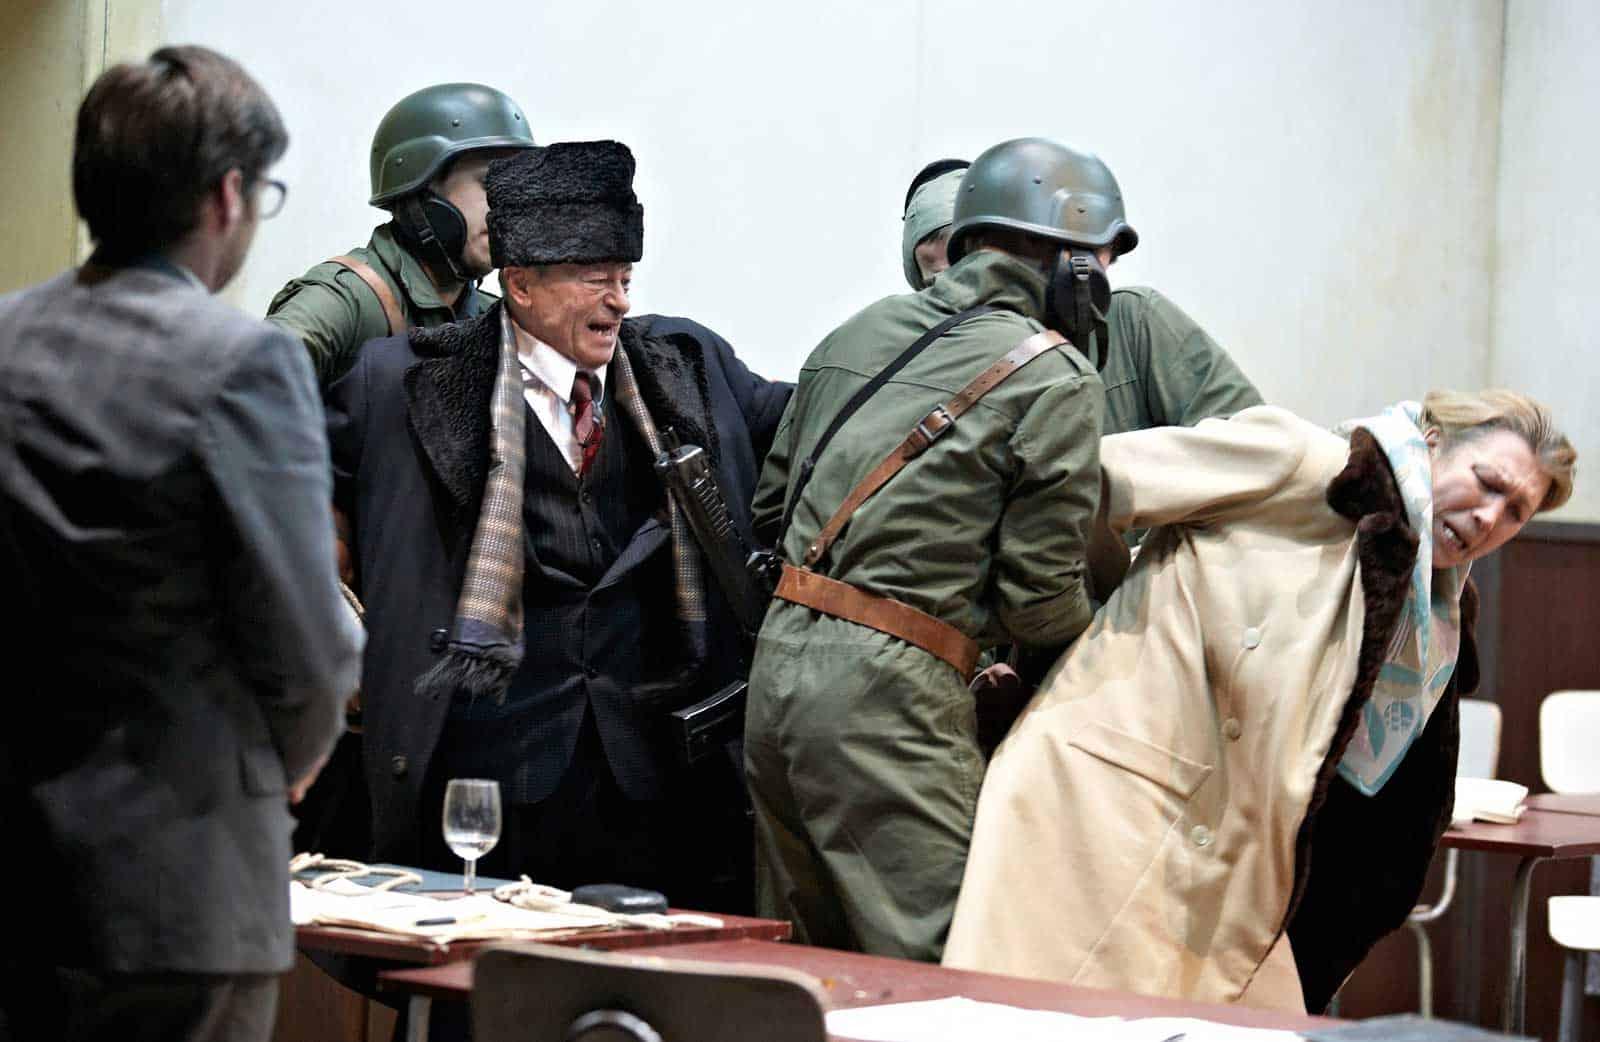 Milo Rau e Simone Eisenring, «Gli ultimi giorni di Ceausescu», 2009, HAU 2 Berlino.